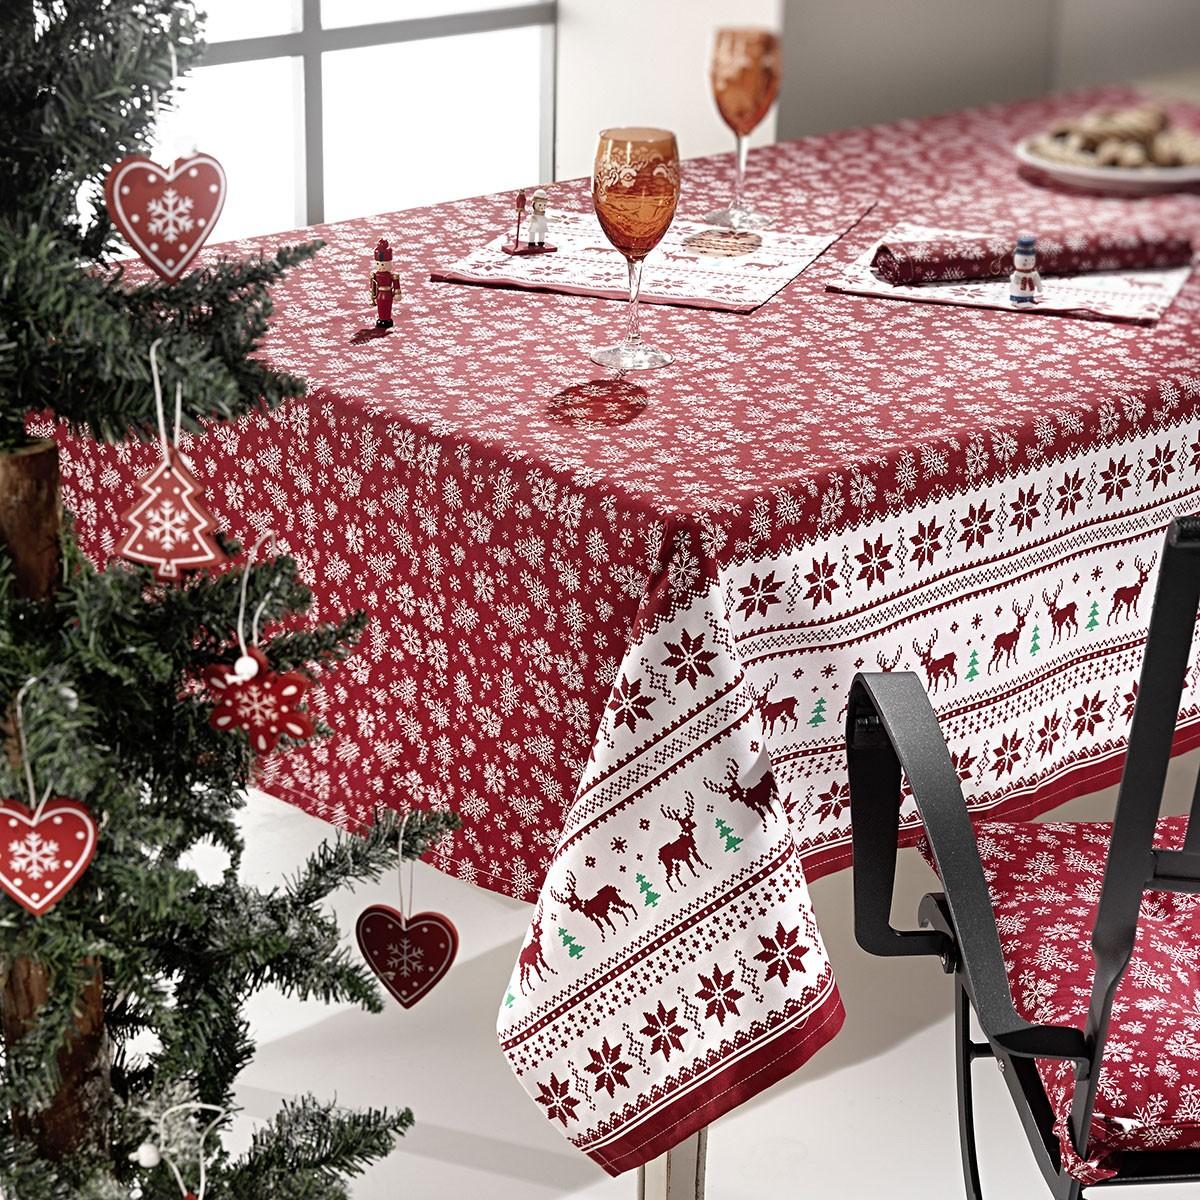 Χριστουγεννιάτικη Τραβέρσα Nima Rudolph home   χριστουγεννιάτικα   χριστουγεννιάτικες τραβέρσες